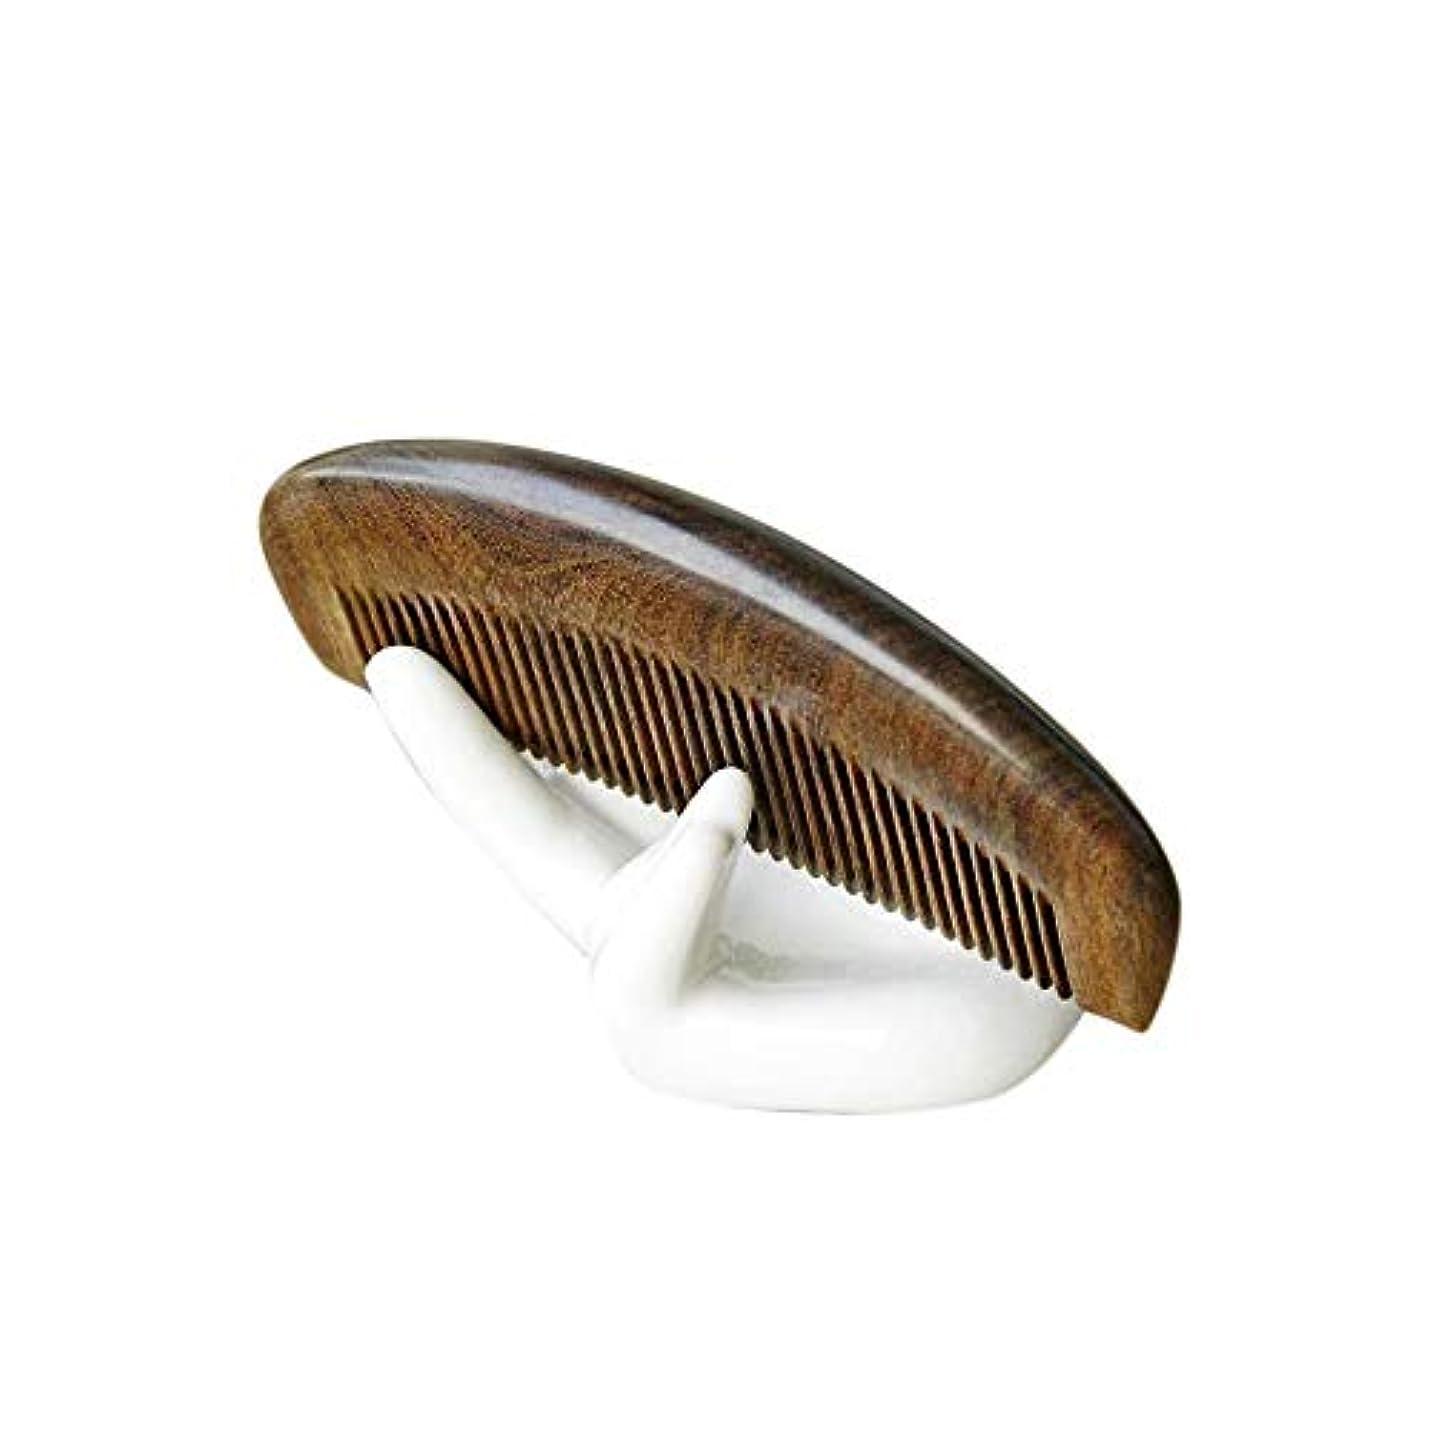 祝福する不注意ラボFashianナチュラルサンダルウッドコーム - 手作りの木製ハーフムーンの形ワイド歯カーリーヘアくし ヘアケア (色 : Photo color)